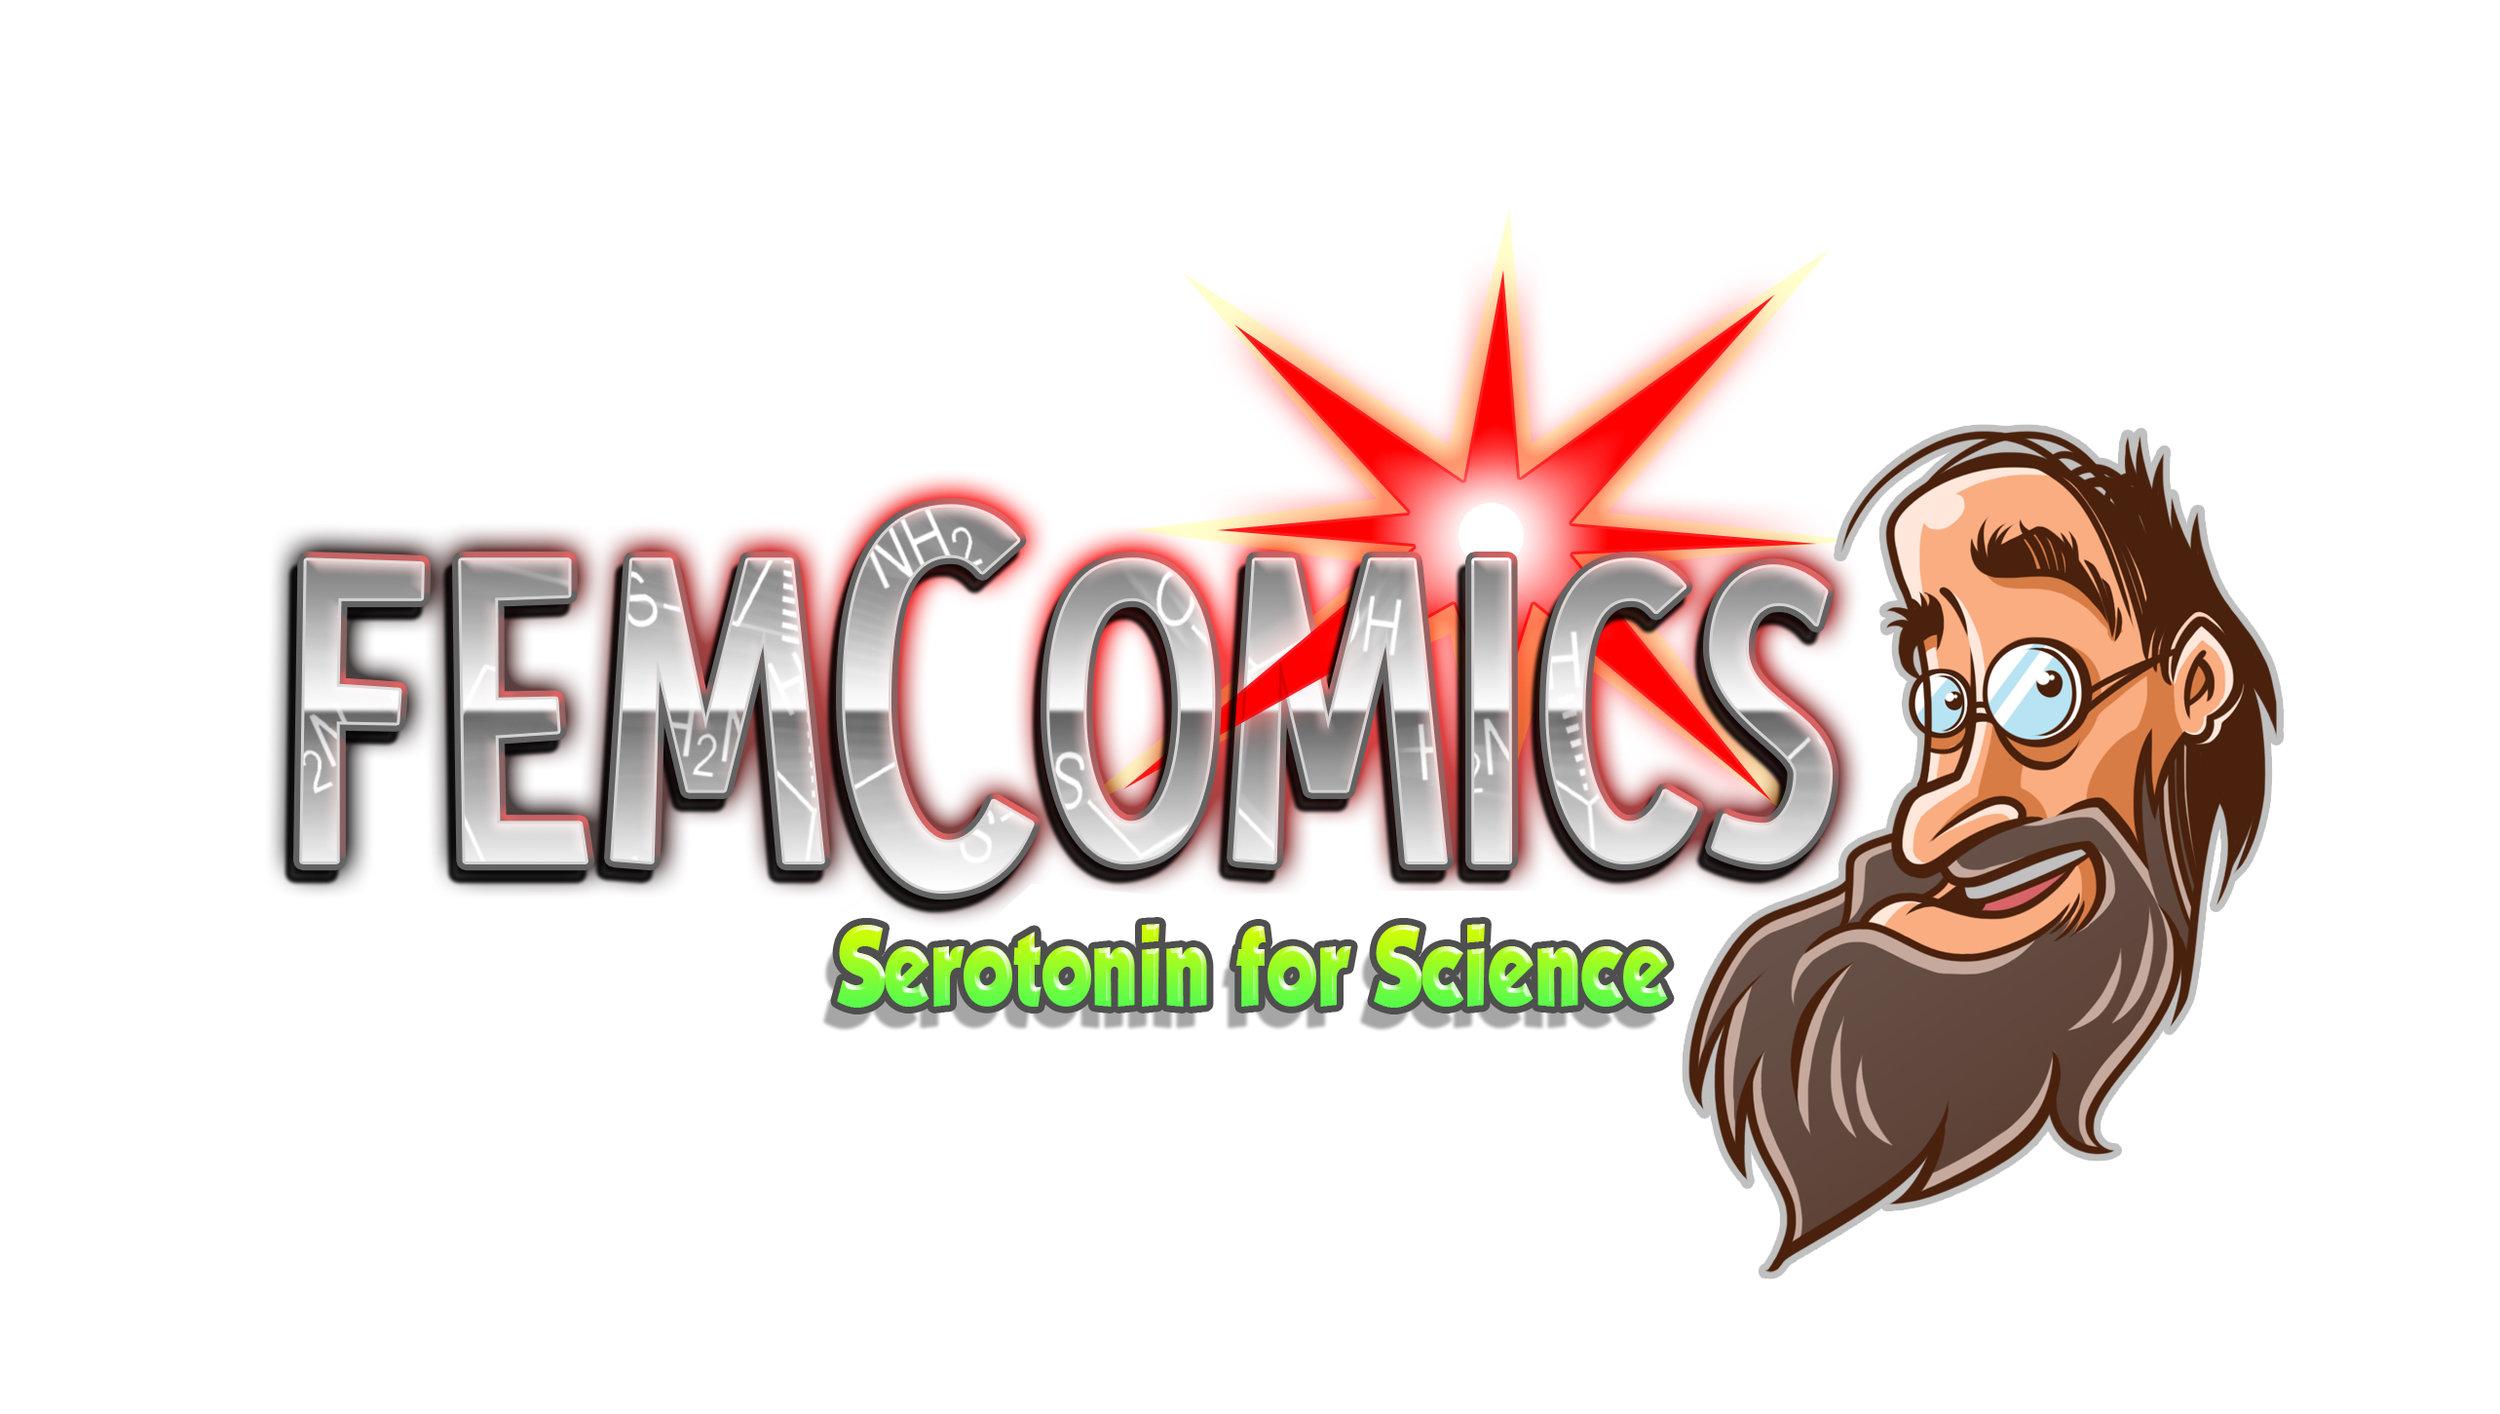 FemComics_Logo_Serotonin_Face MedRes.jpg